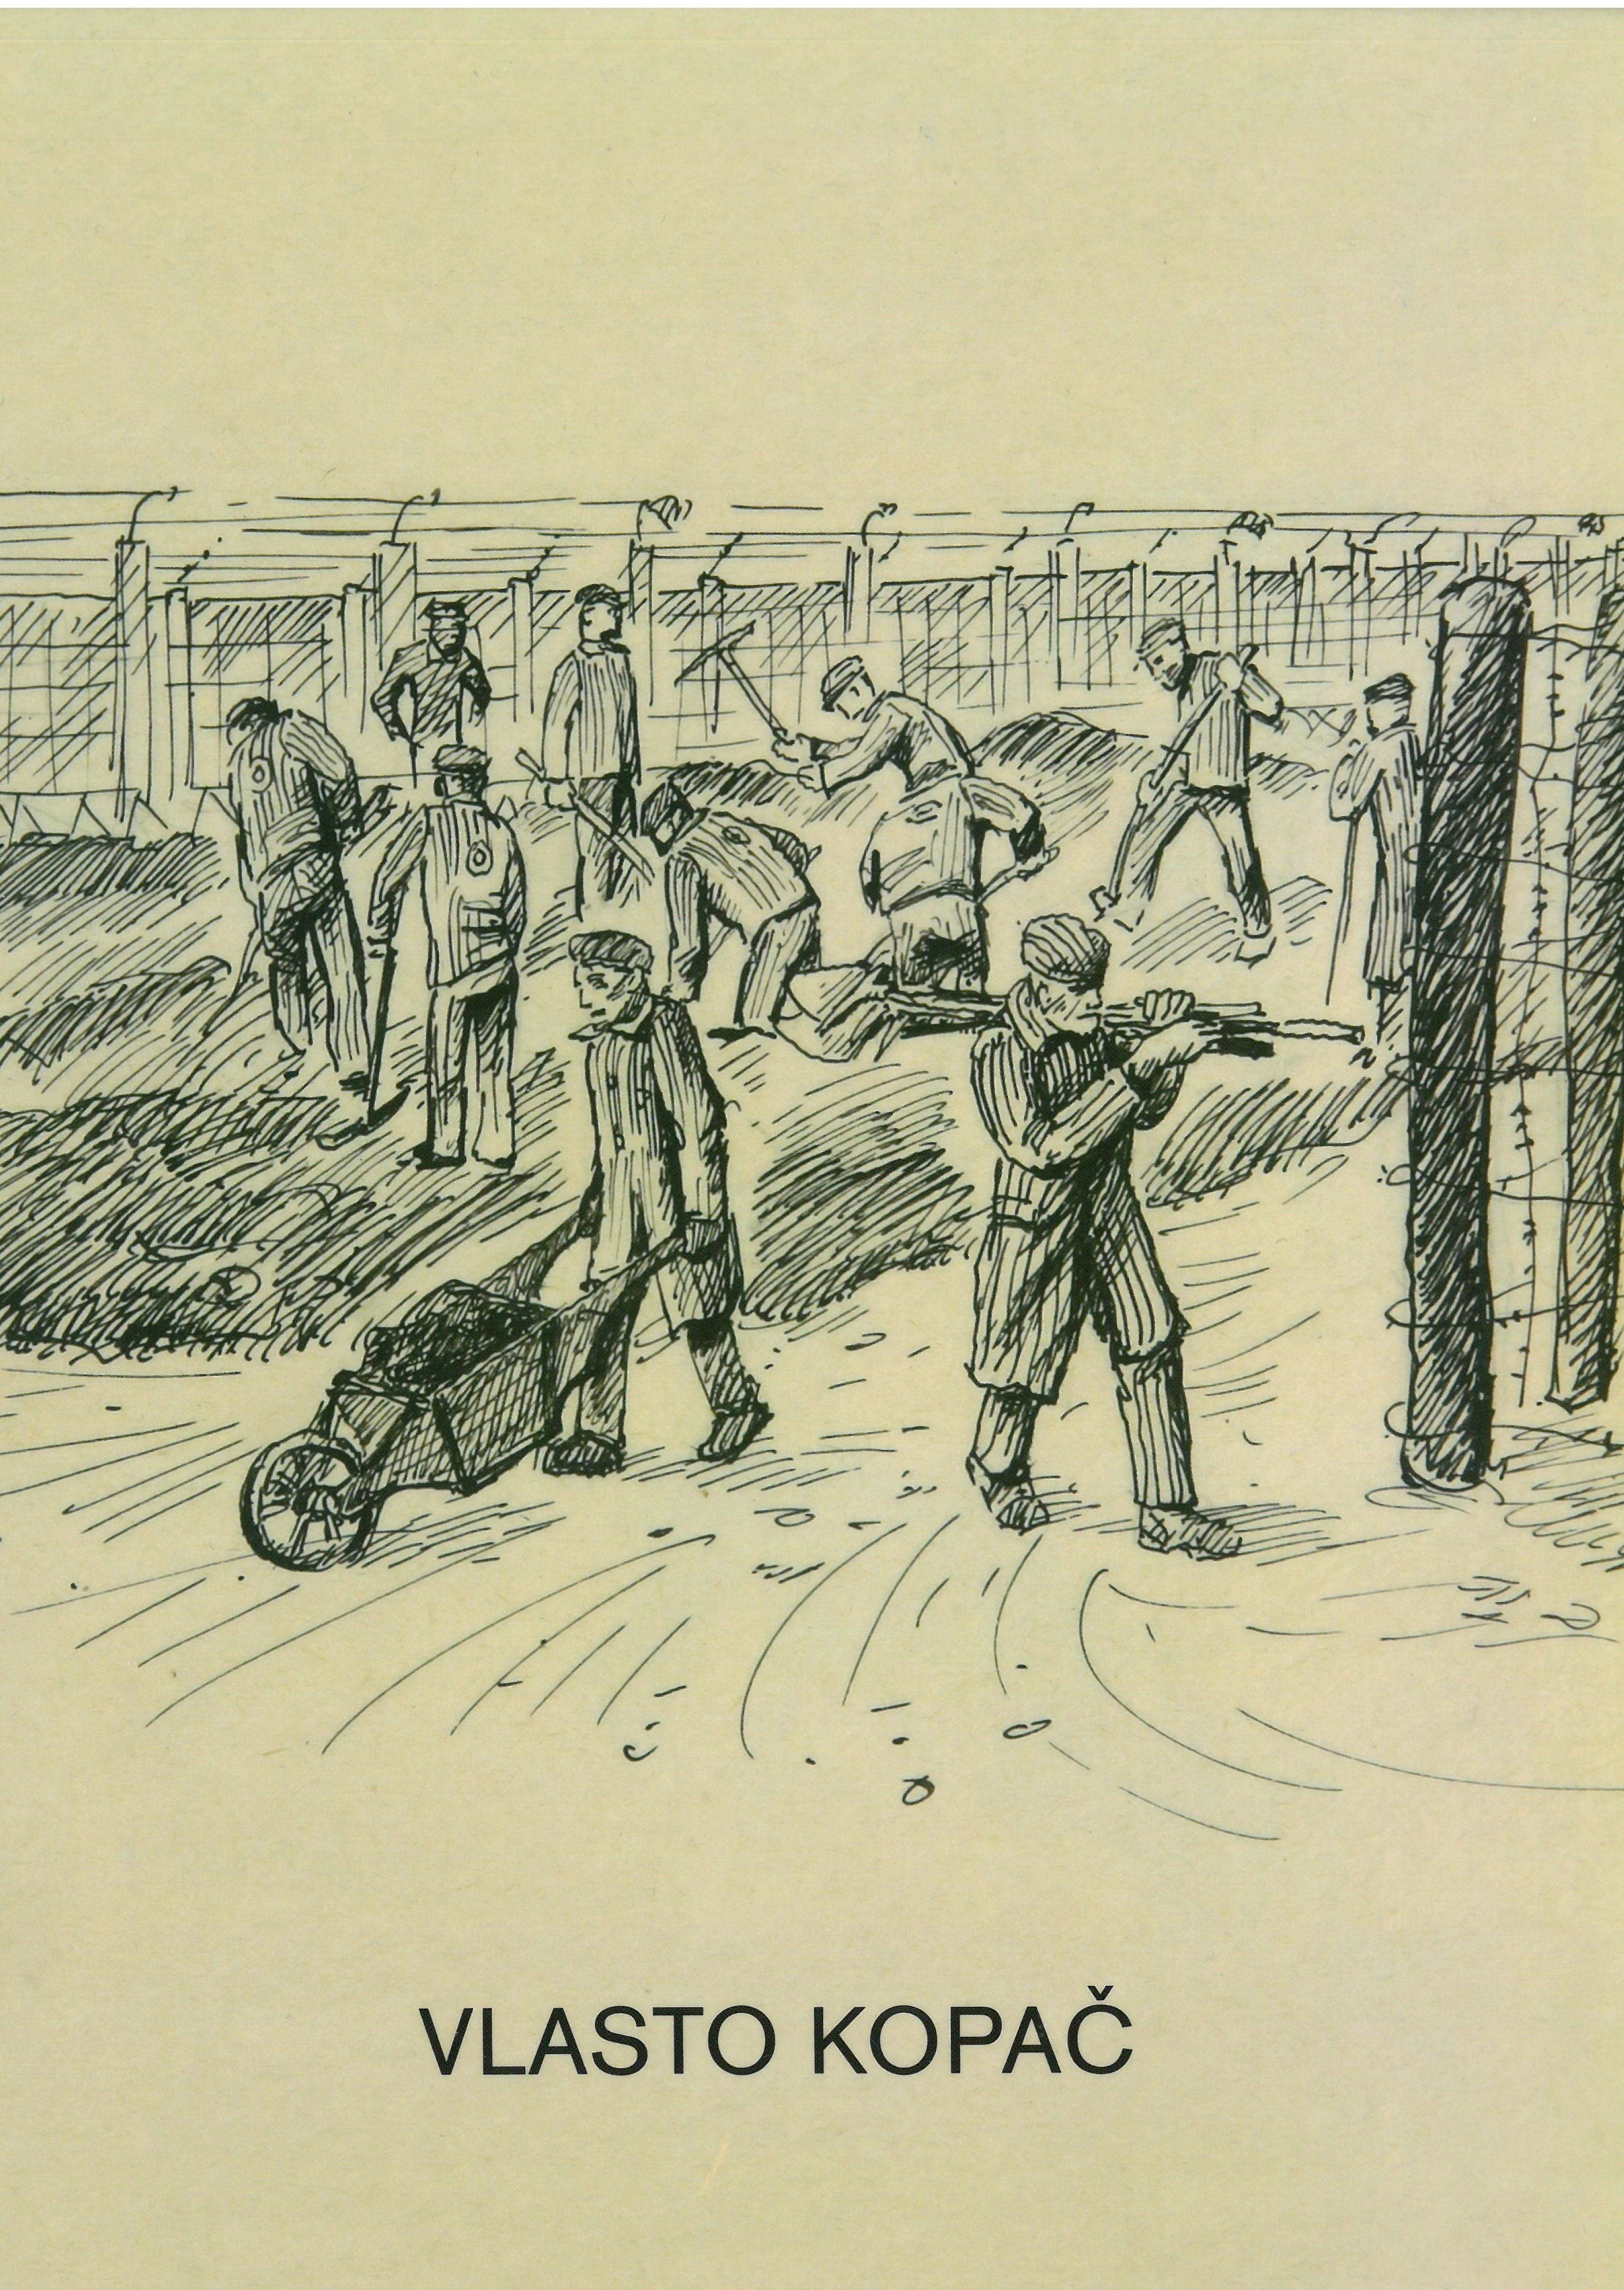 """Cover des Ausstellungskatalogs """"Blickwechsel – Vlasto Kopac zeichnet das Konzentrationslager Dachau (1944-1945)"""", auf dem eine Zeichnung von Häftlingen bei schweren Bauarbeiten zu sehen ist. Umgeben sind die Zwangsarbeiter von Stacheldraht-Zäunen."""